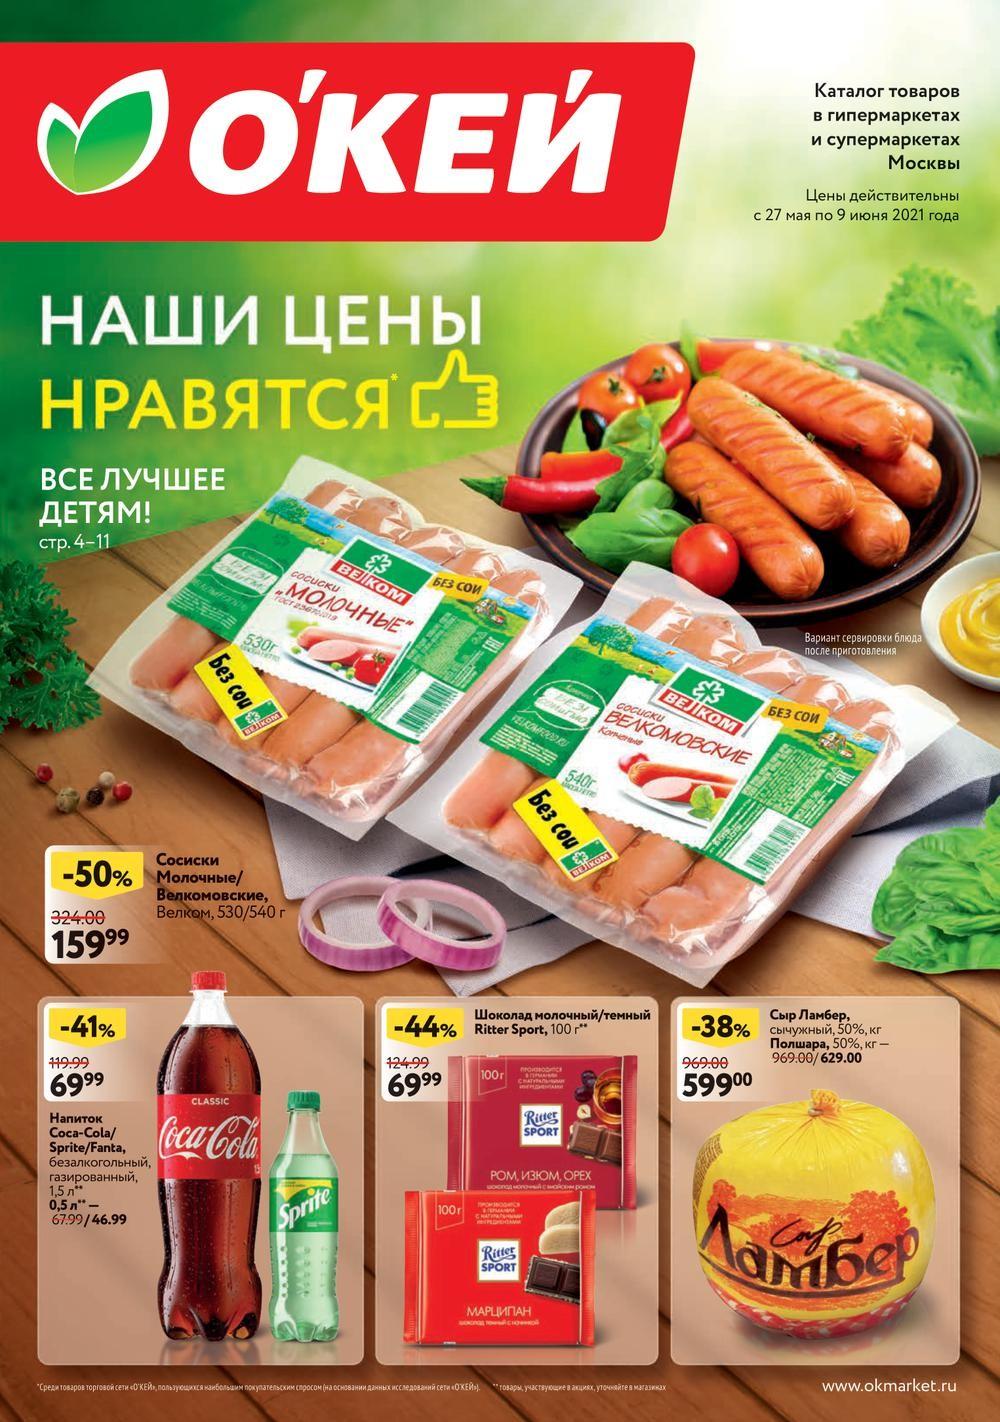 Новый каталог акций в ОКей г. Москва